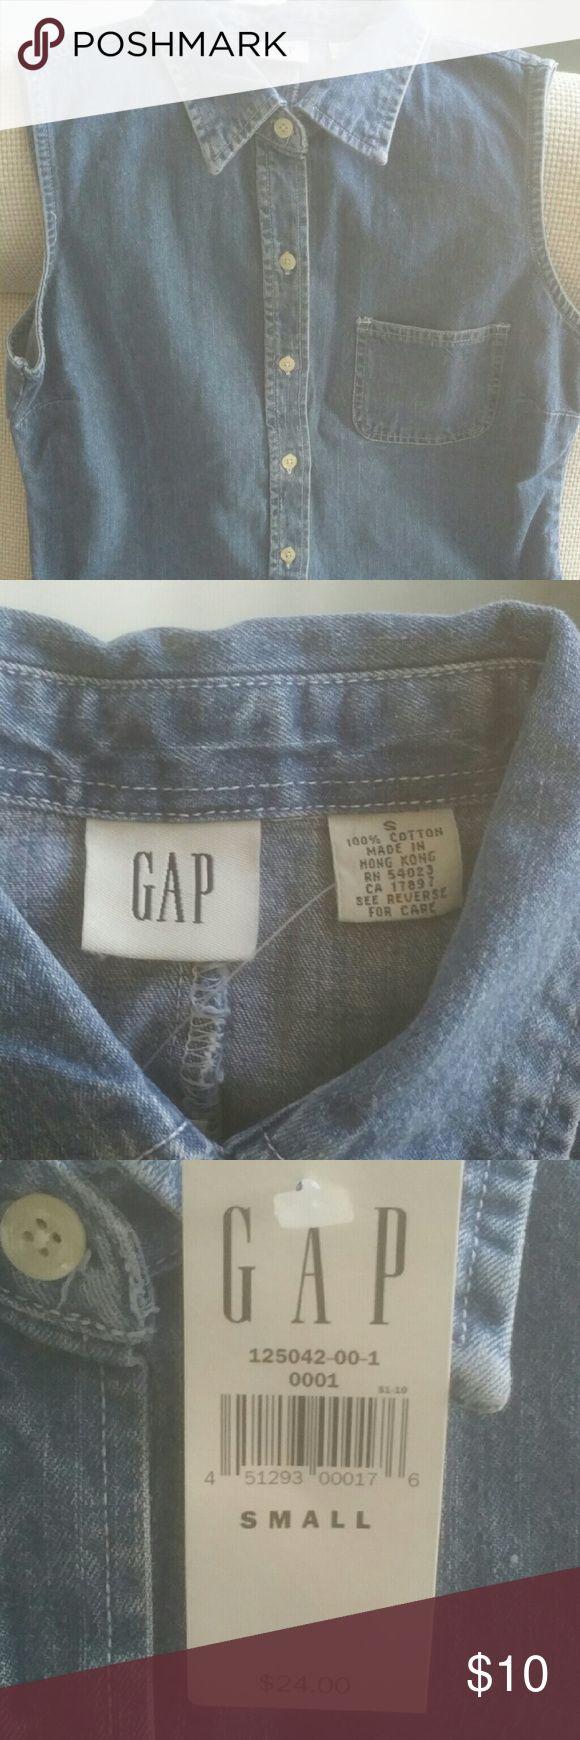 Gap sleeveless denim shirt Sleeveless denim button down shirt GAP Tops Button Down Shirts